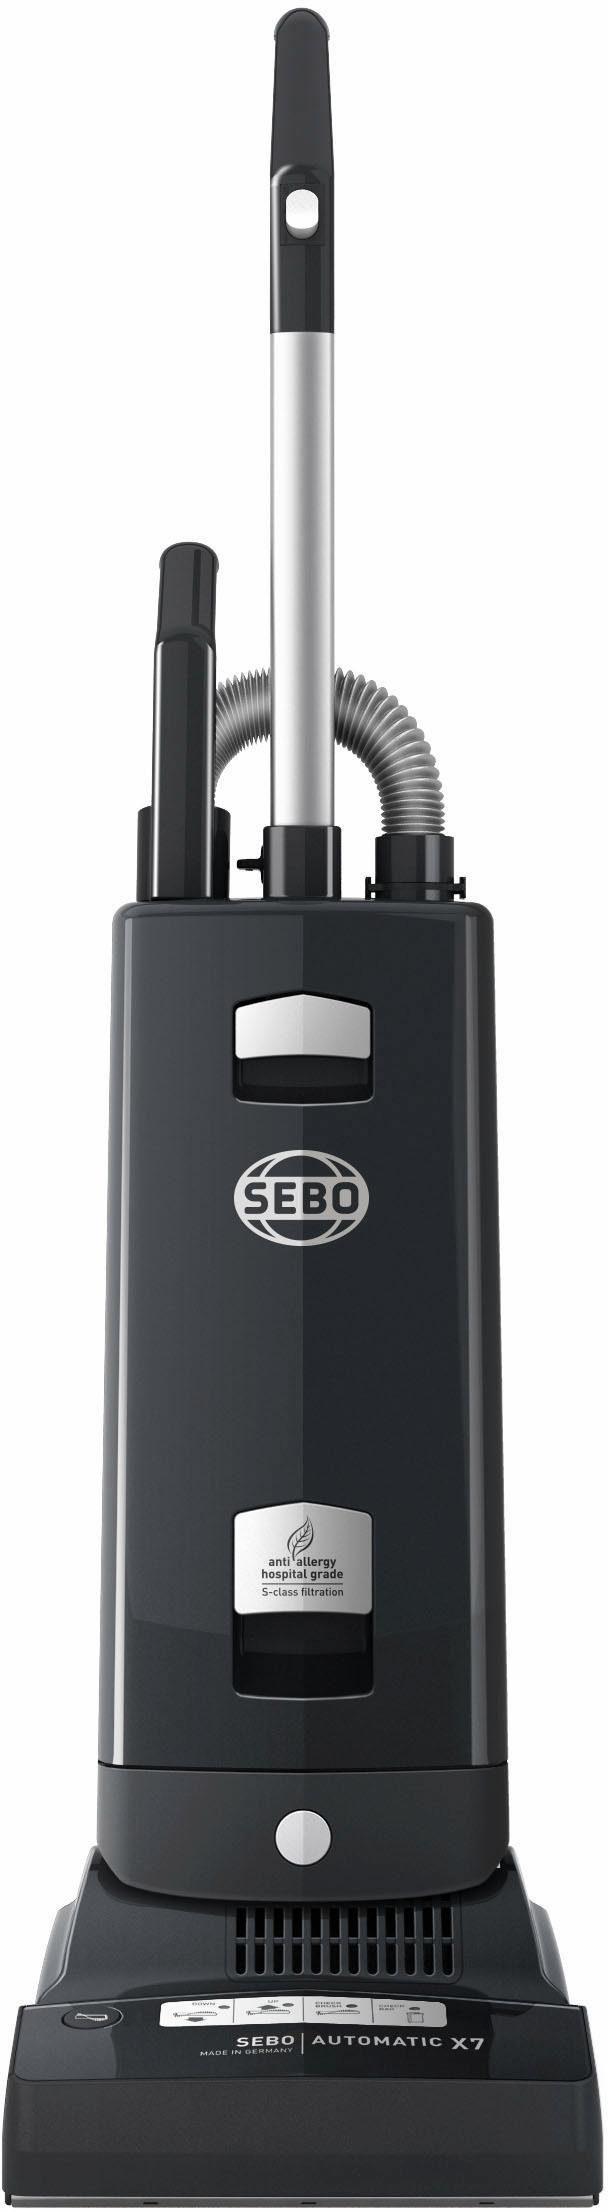 SEBO Bürstsauger SEBO AUTOMATIC X7 graphit, 890 Watt, mit Beutel, Automatische Höheneinstellung der Bürste